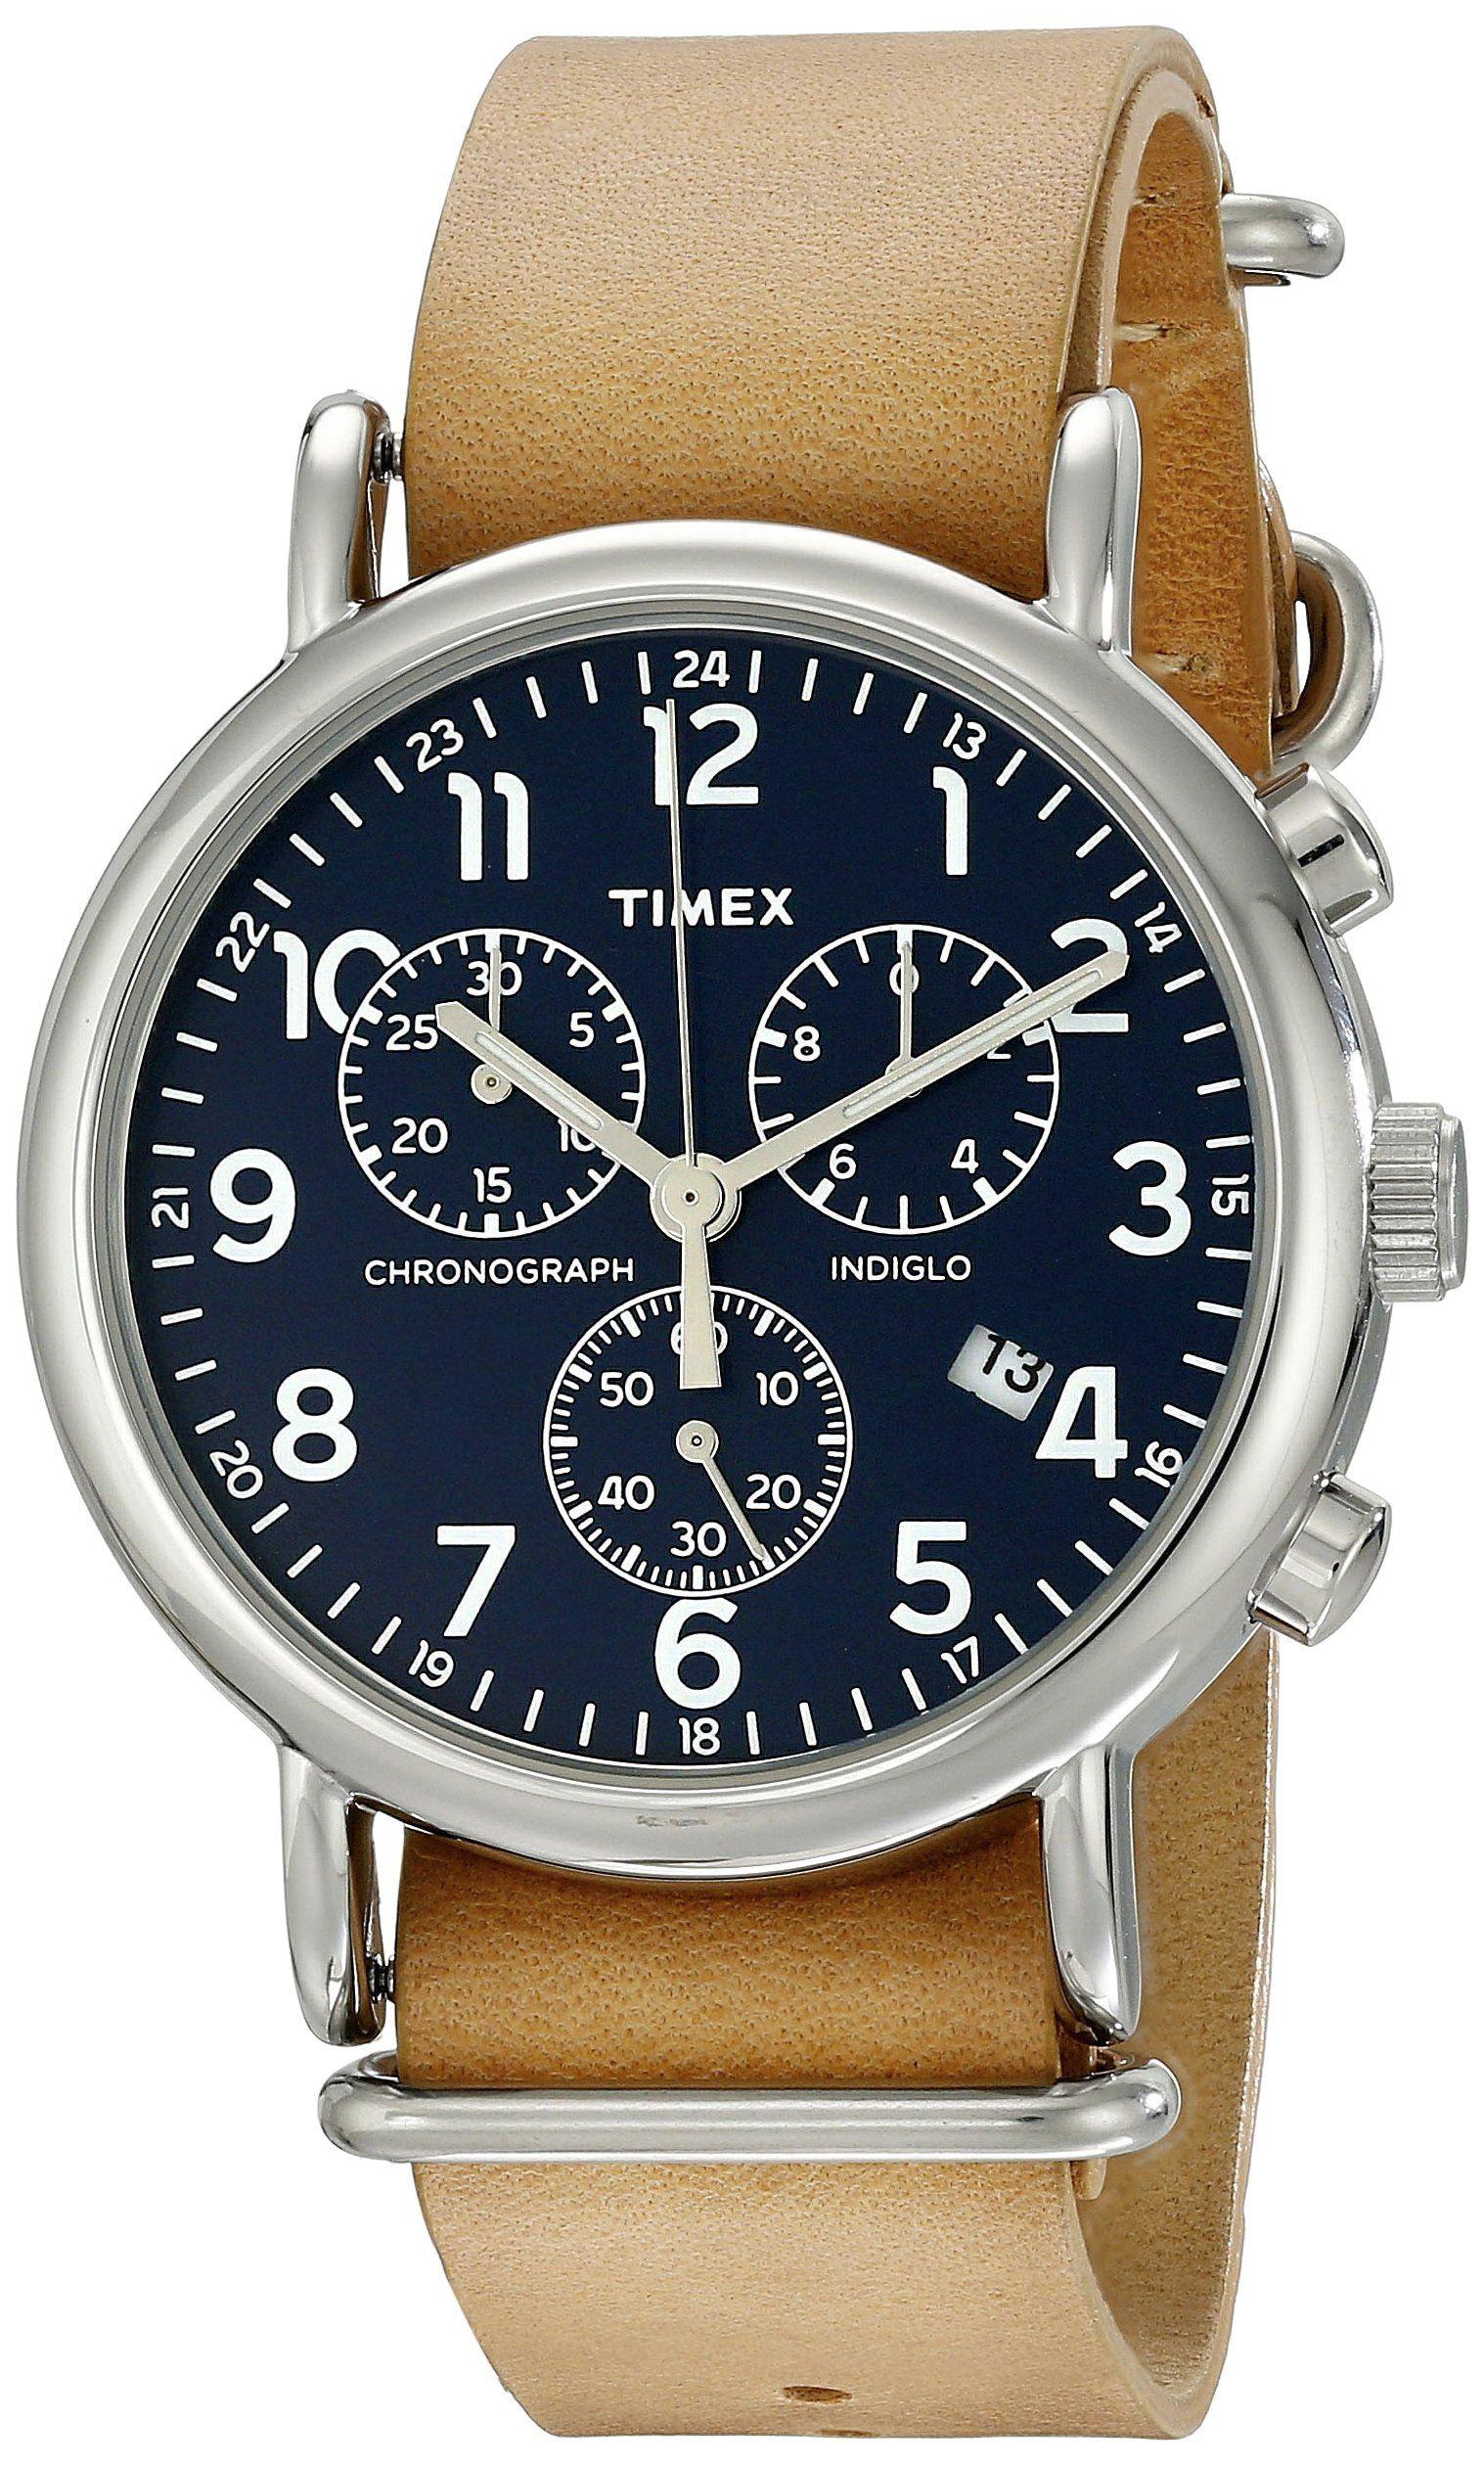 Robot Check Timex Uhren Stoppuhr Armbanduhr